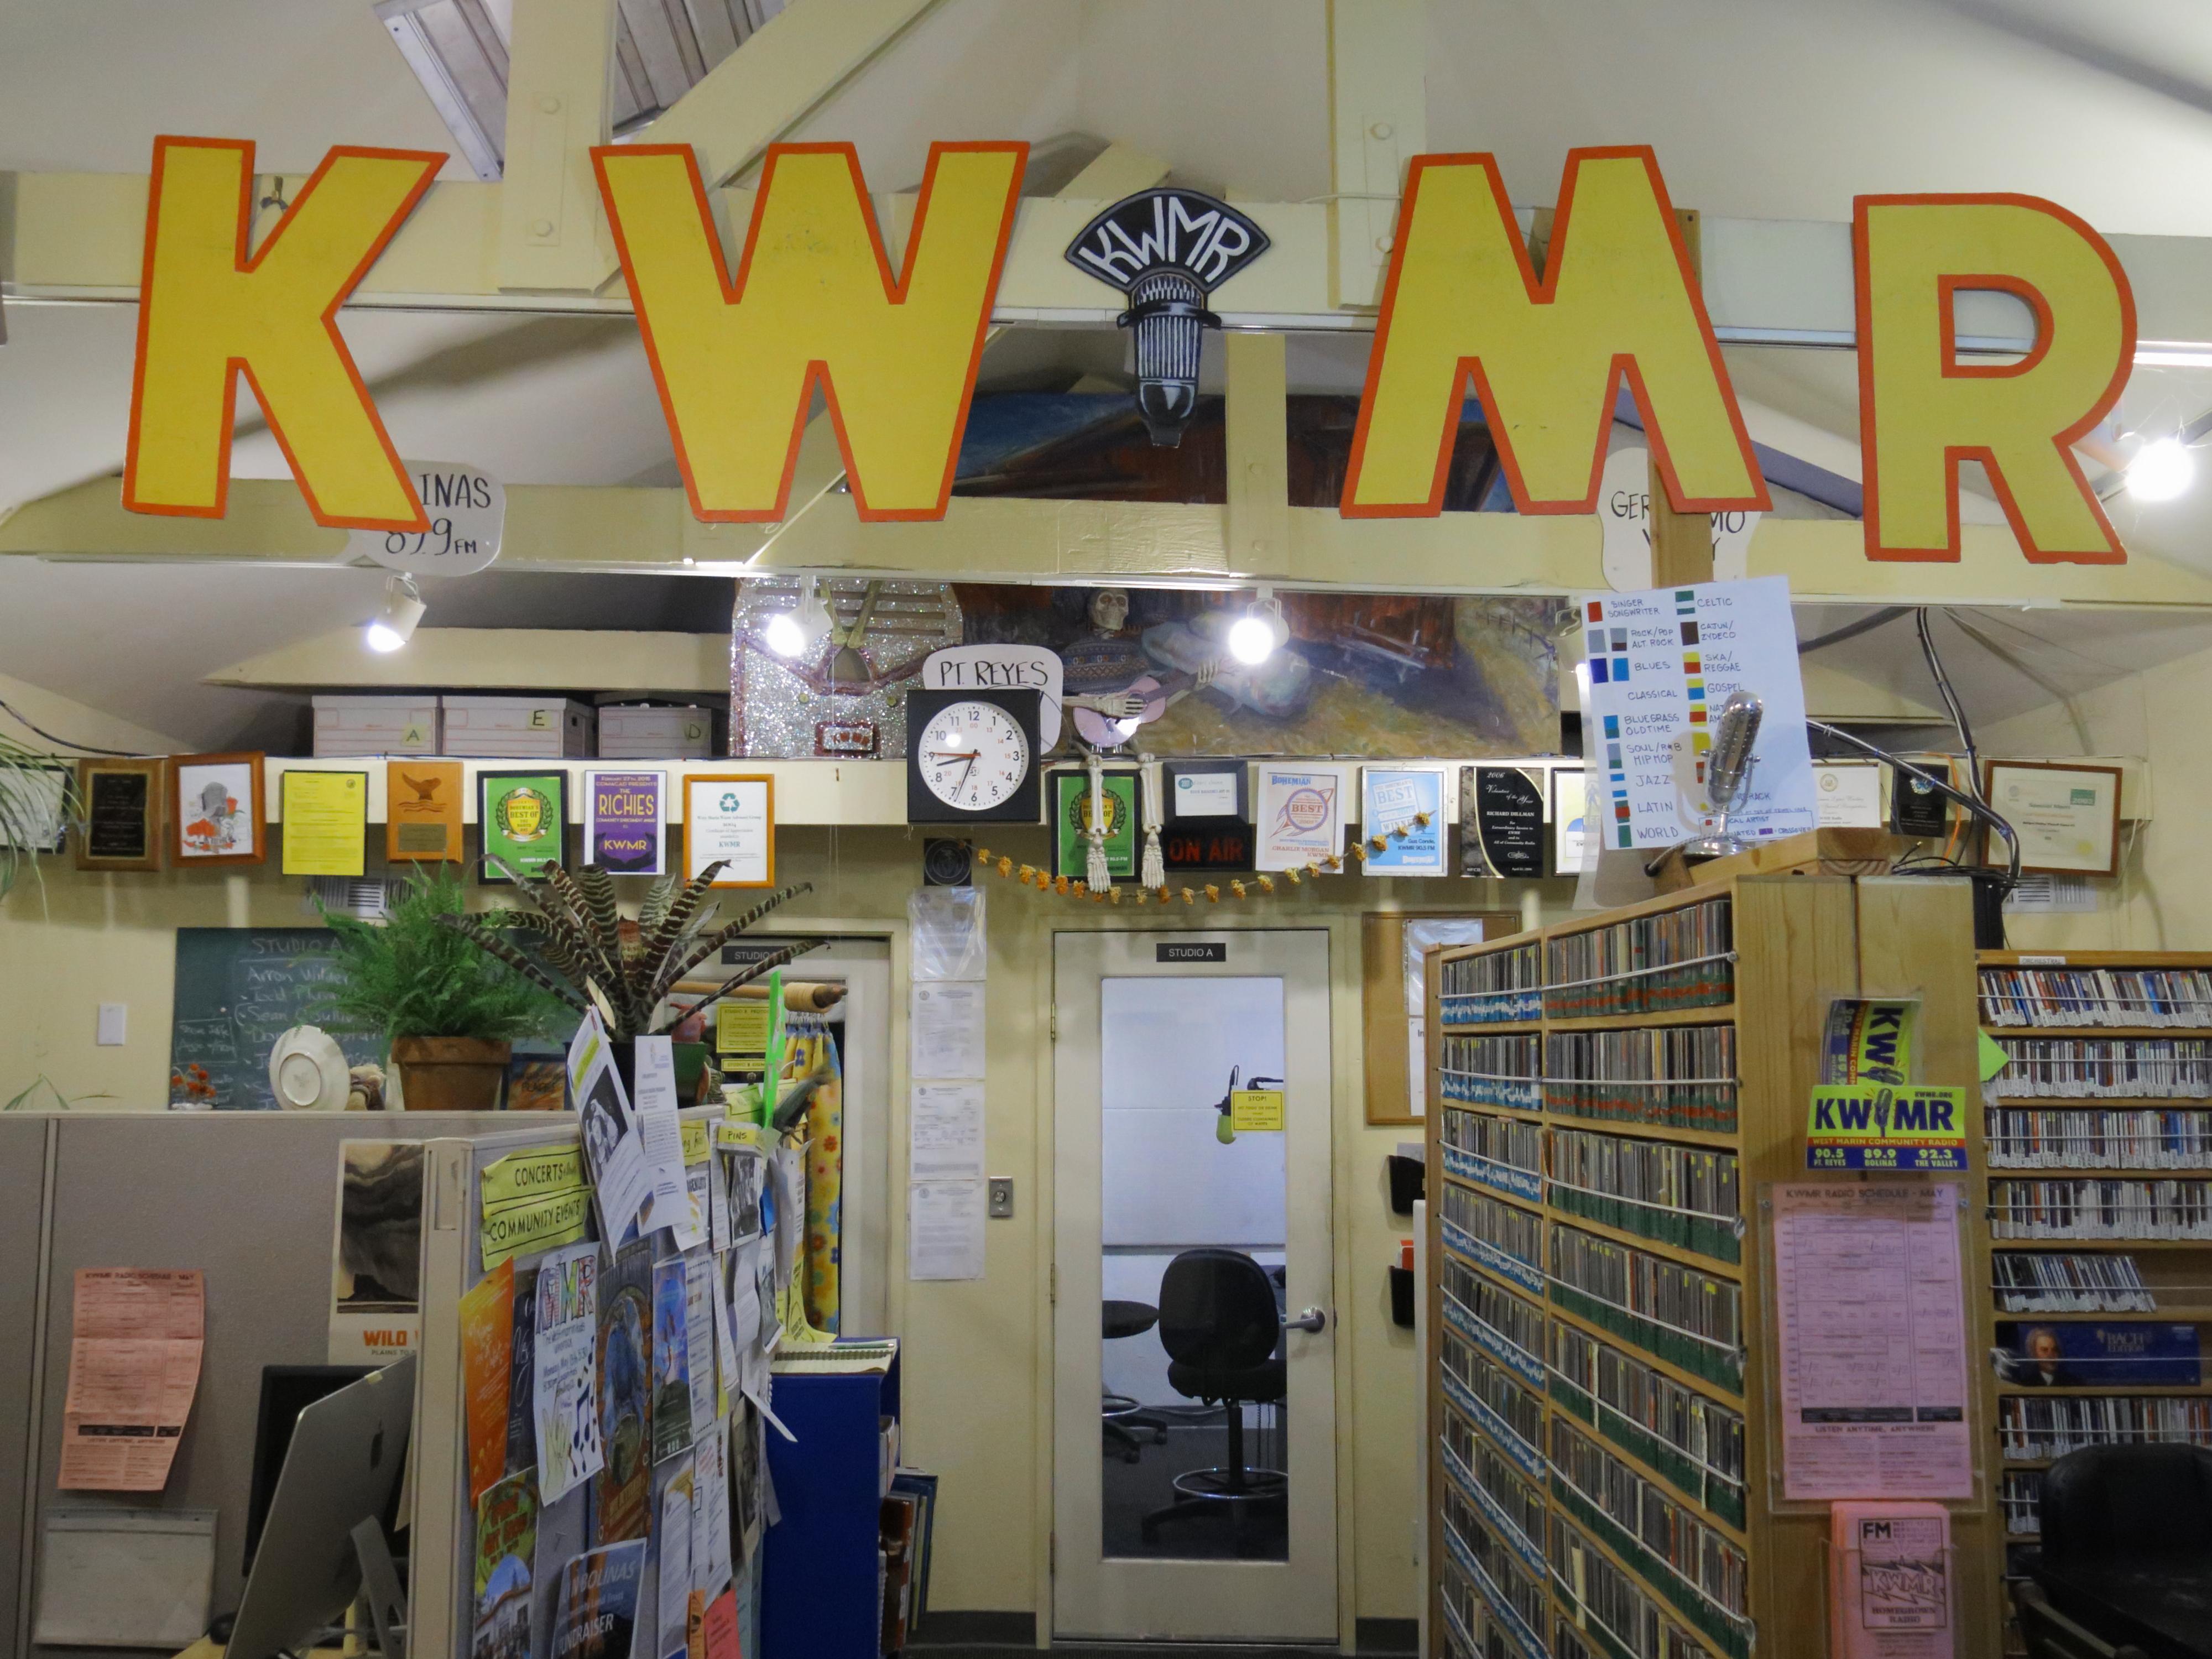 KWMR studio, Pt. Reyes Station, CA